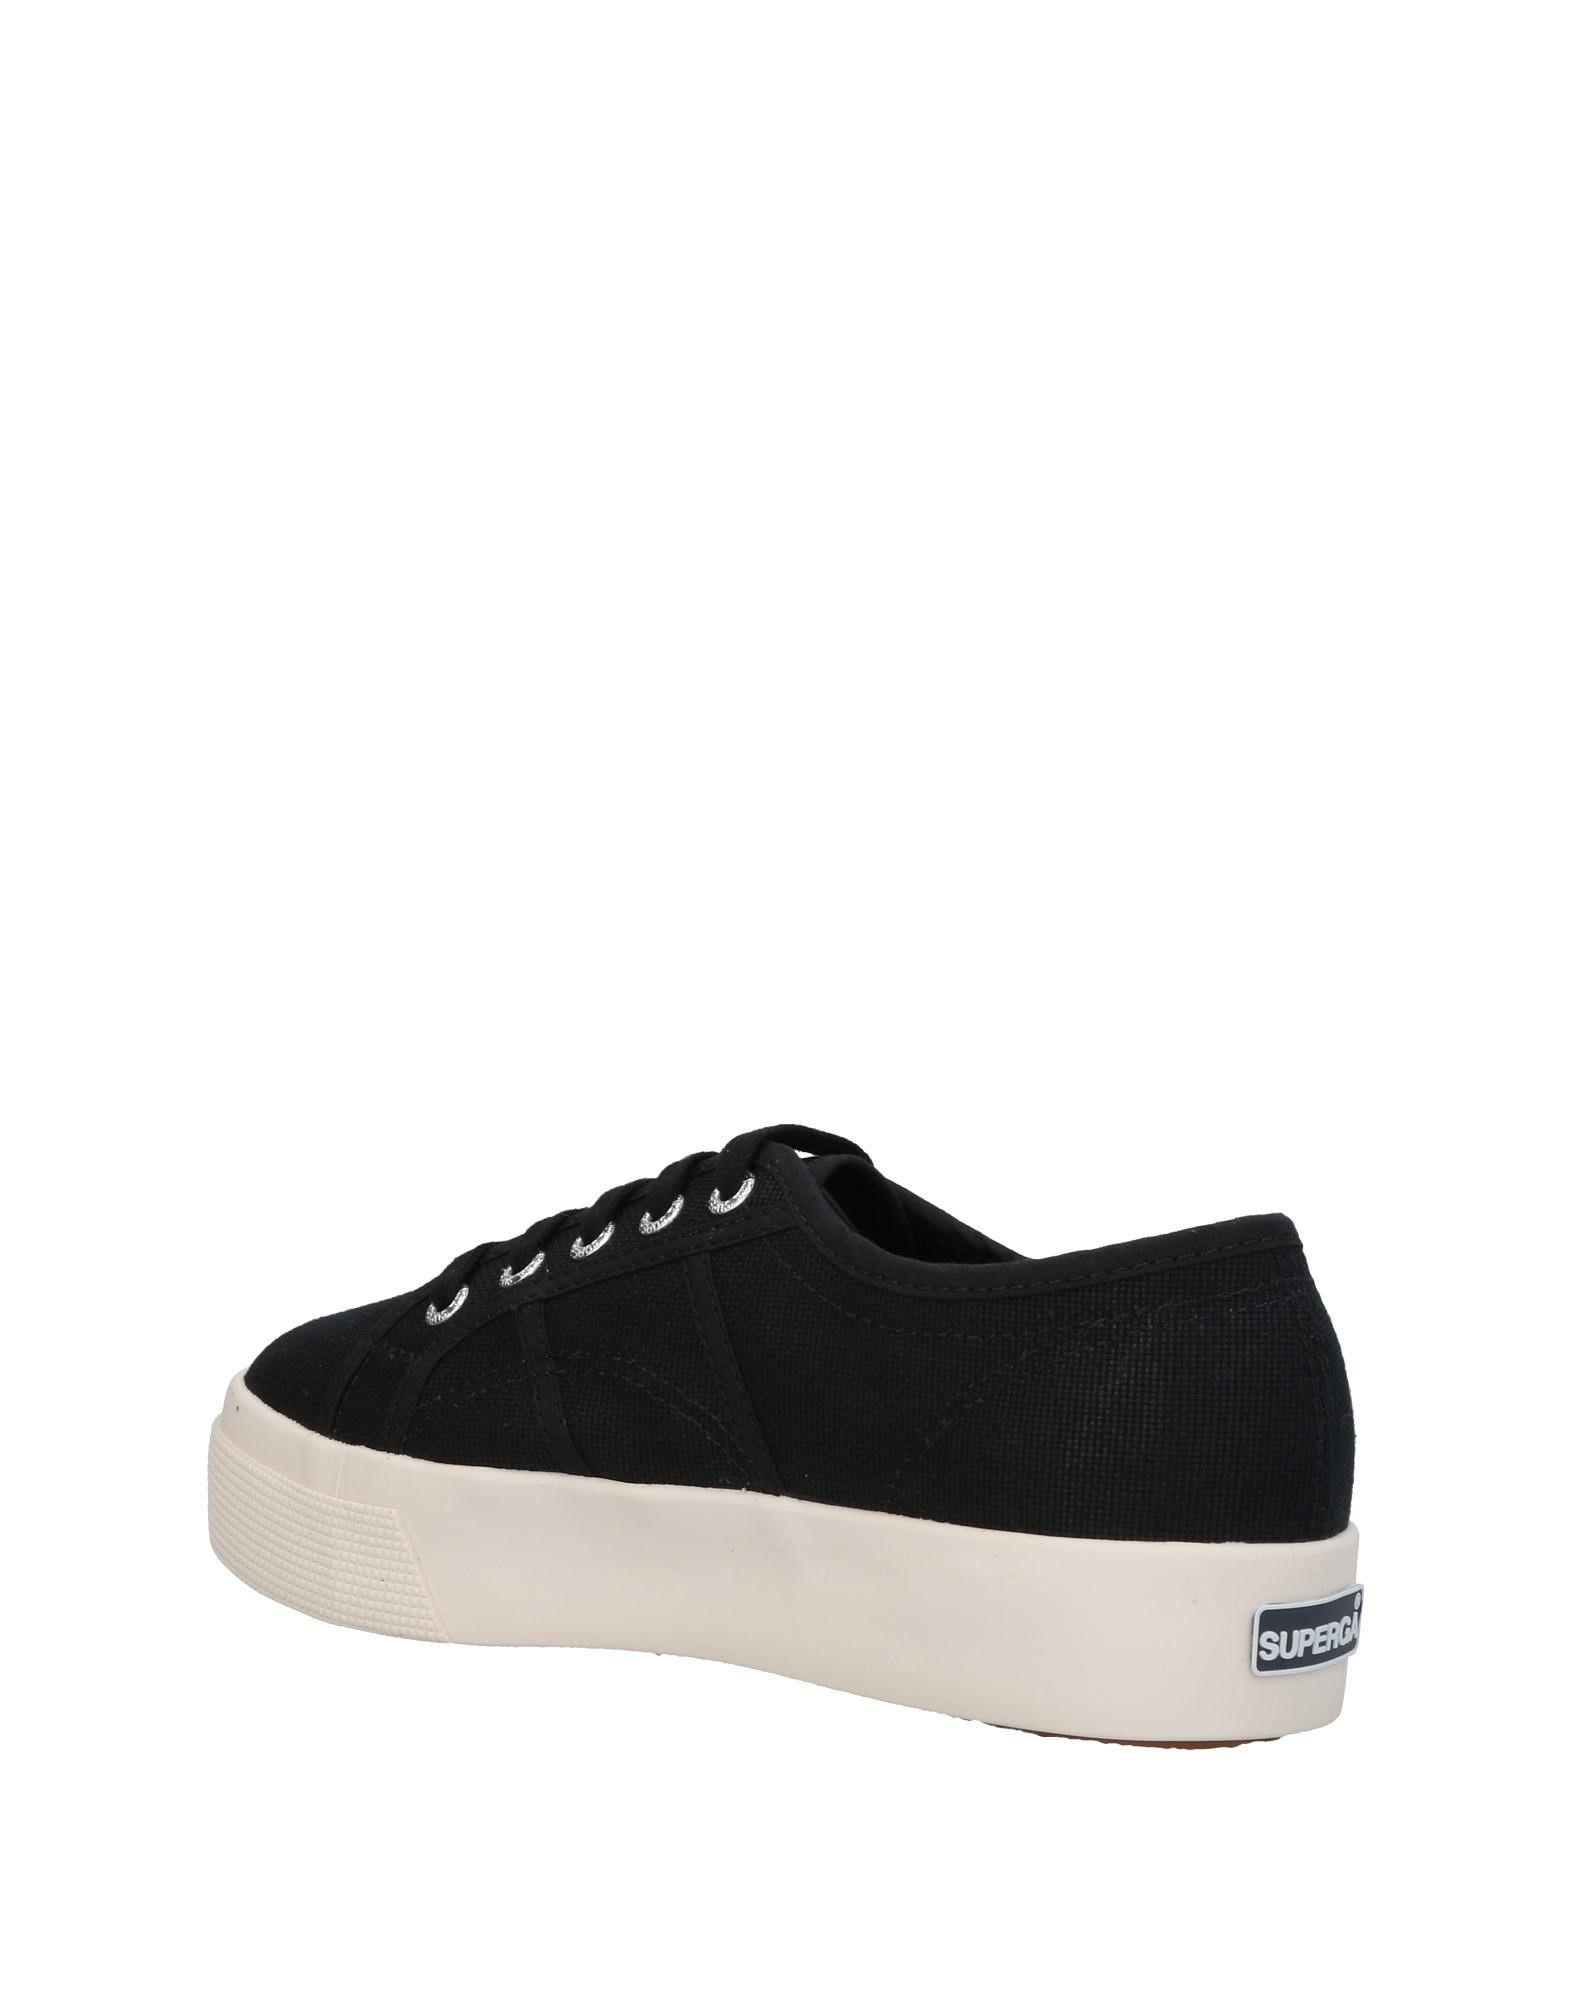 Superga® Sneakers Damen  11441261BX 11441261BX   cbaec8